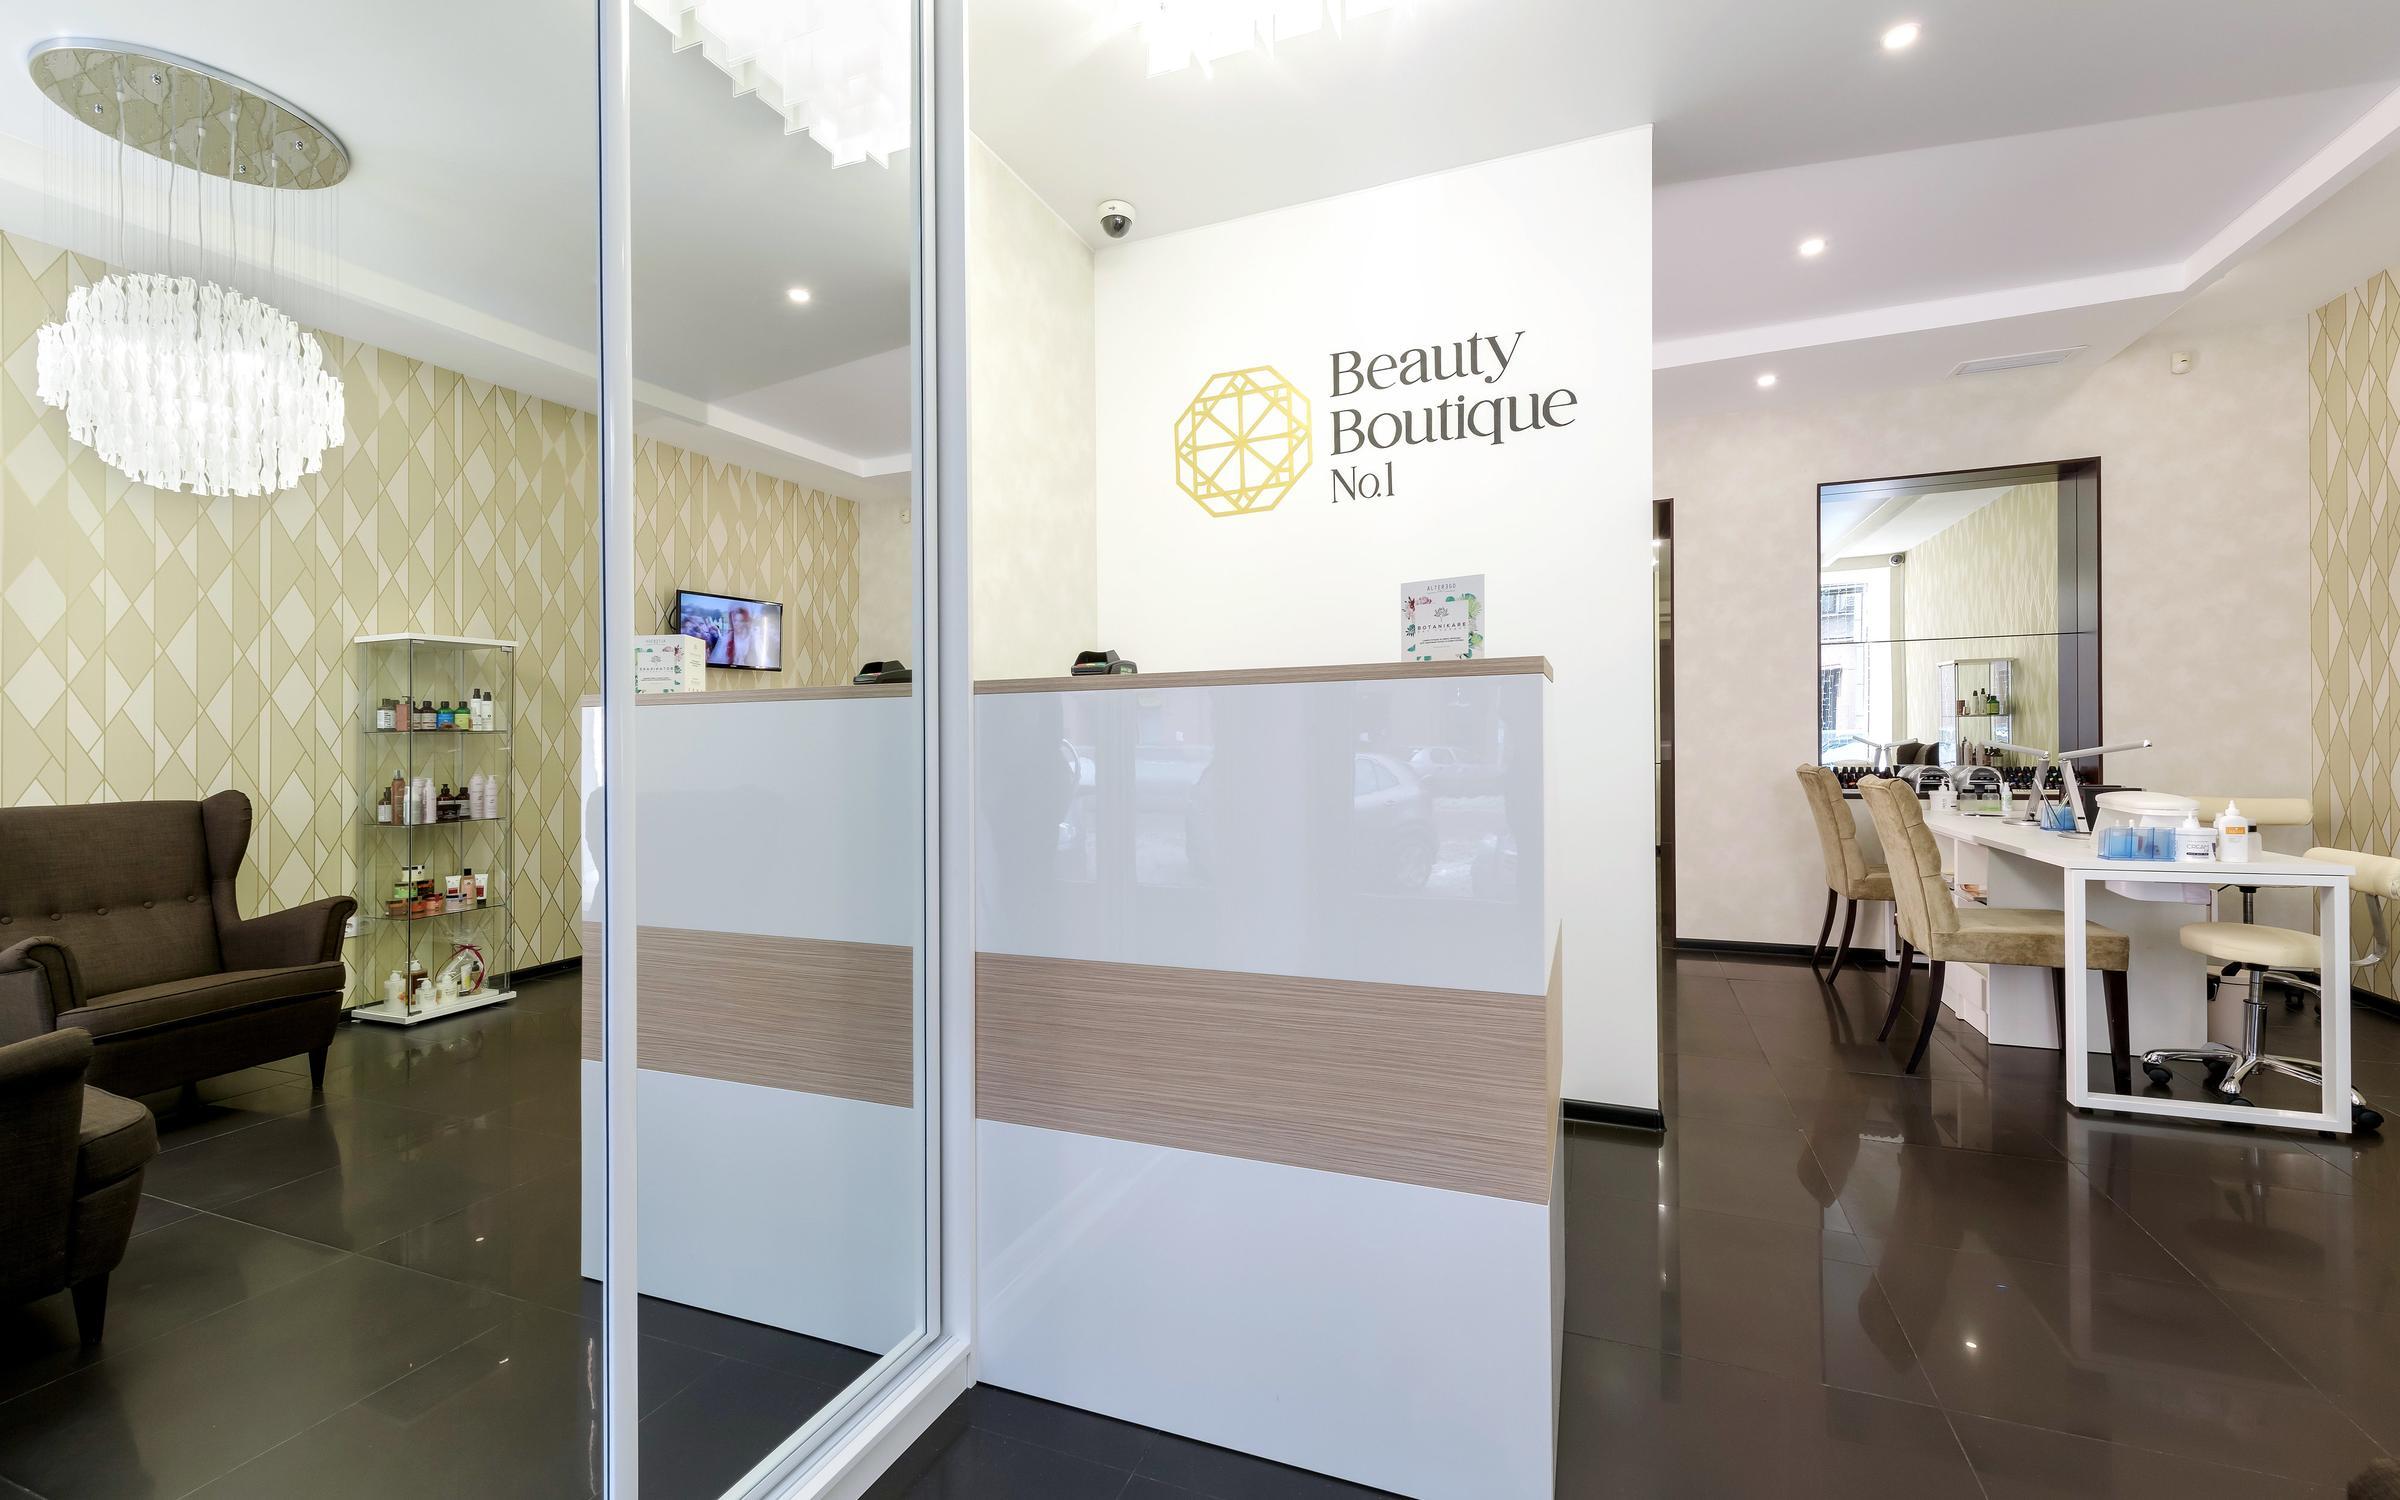 фотография Бутика красоты Beauty Boutique № 1 на улице Жуковского